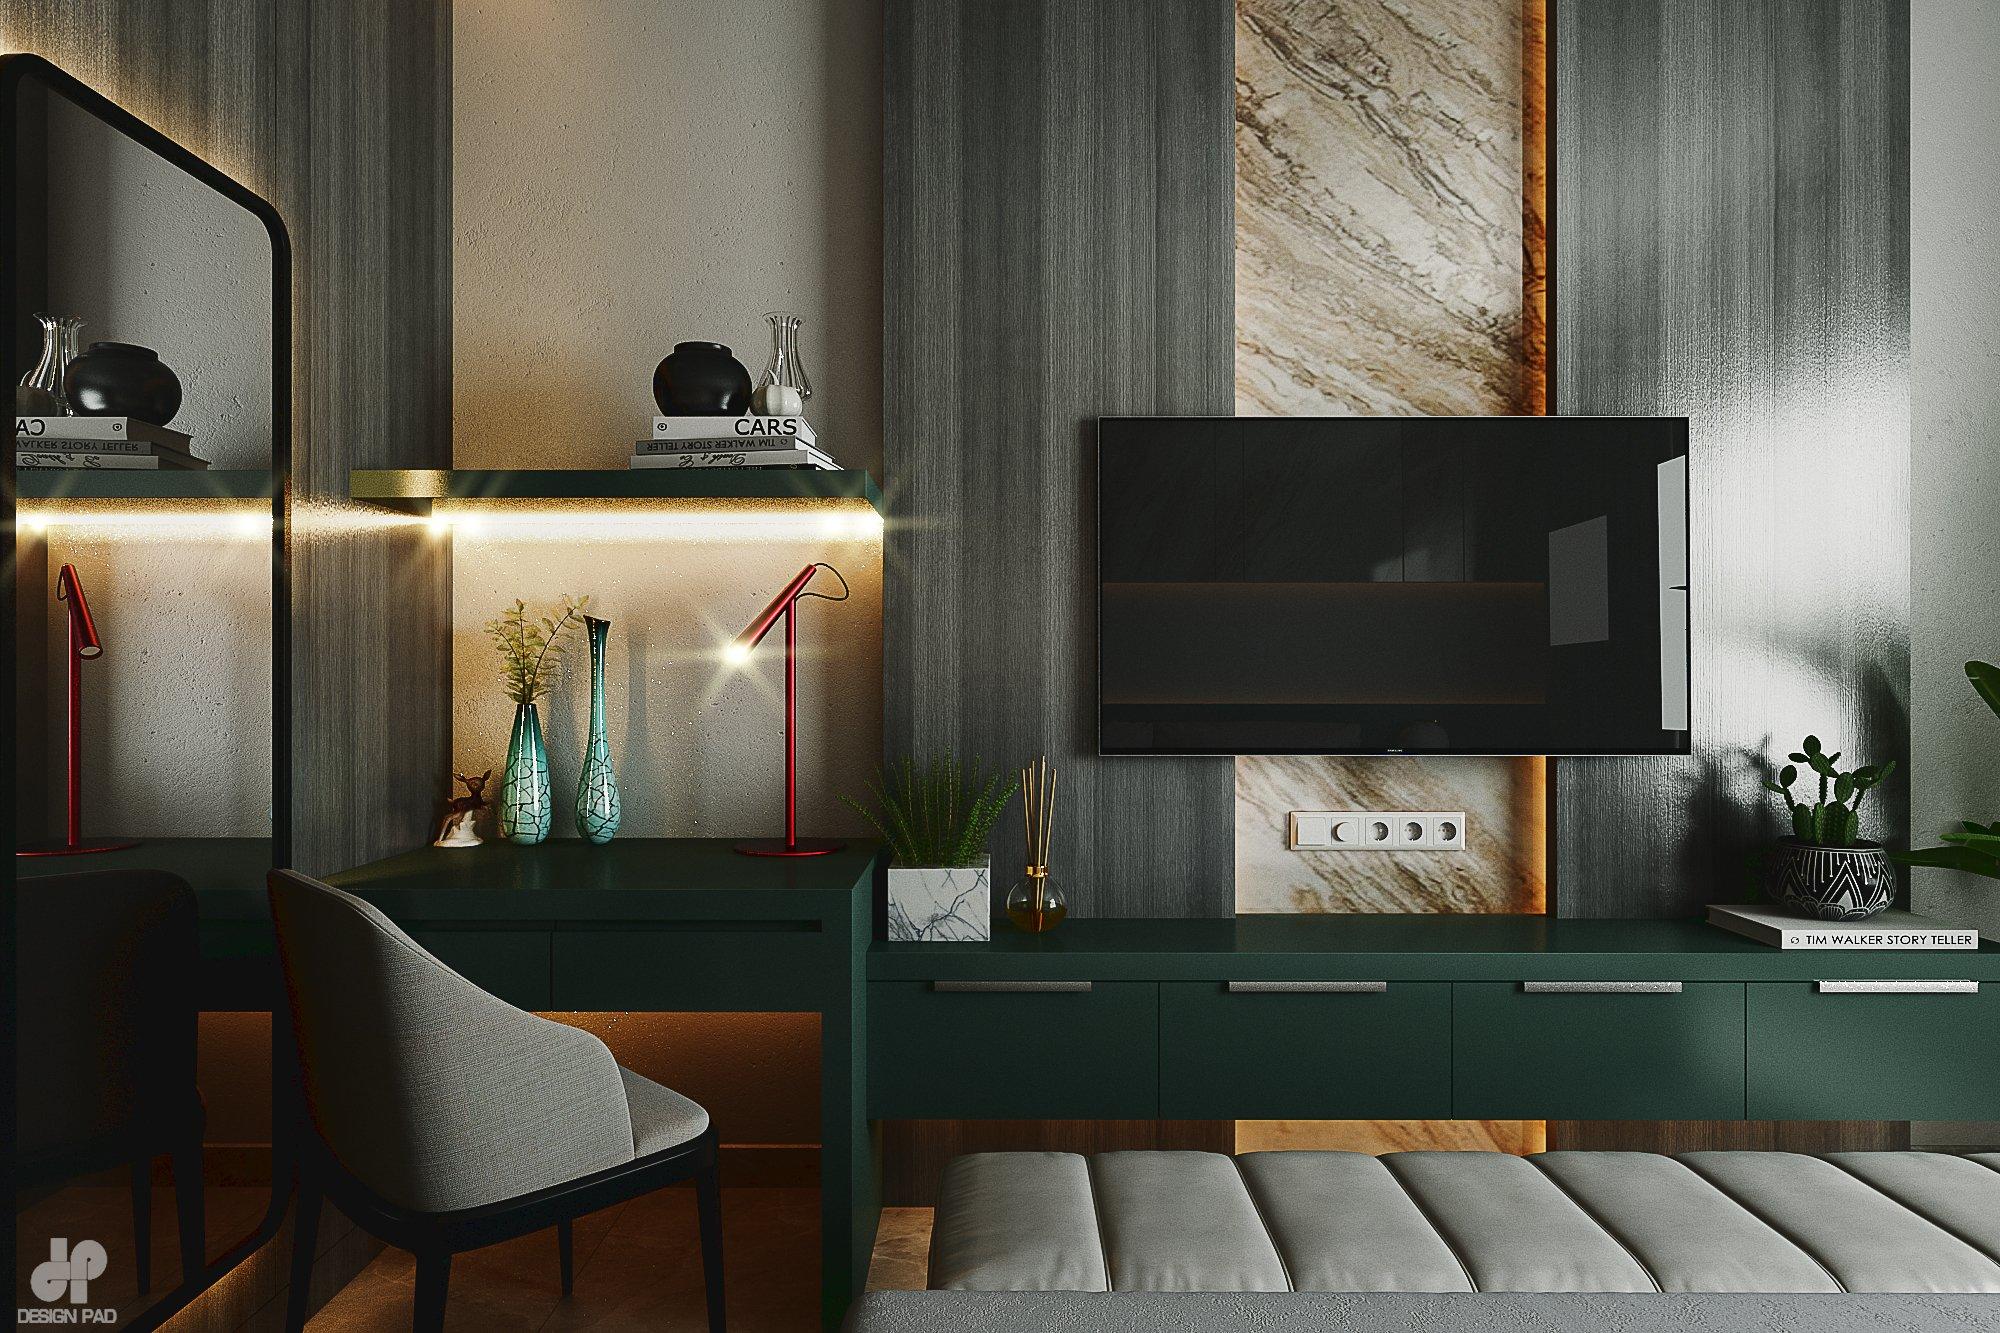 Thiết kế nội thất Nhà Mặt Phố tại Hồ Chí Minh BedRoom - Mr.Huy 1605080088 5